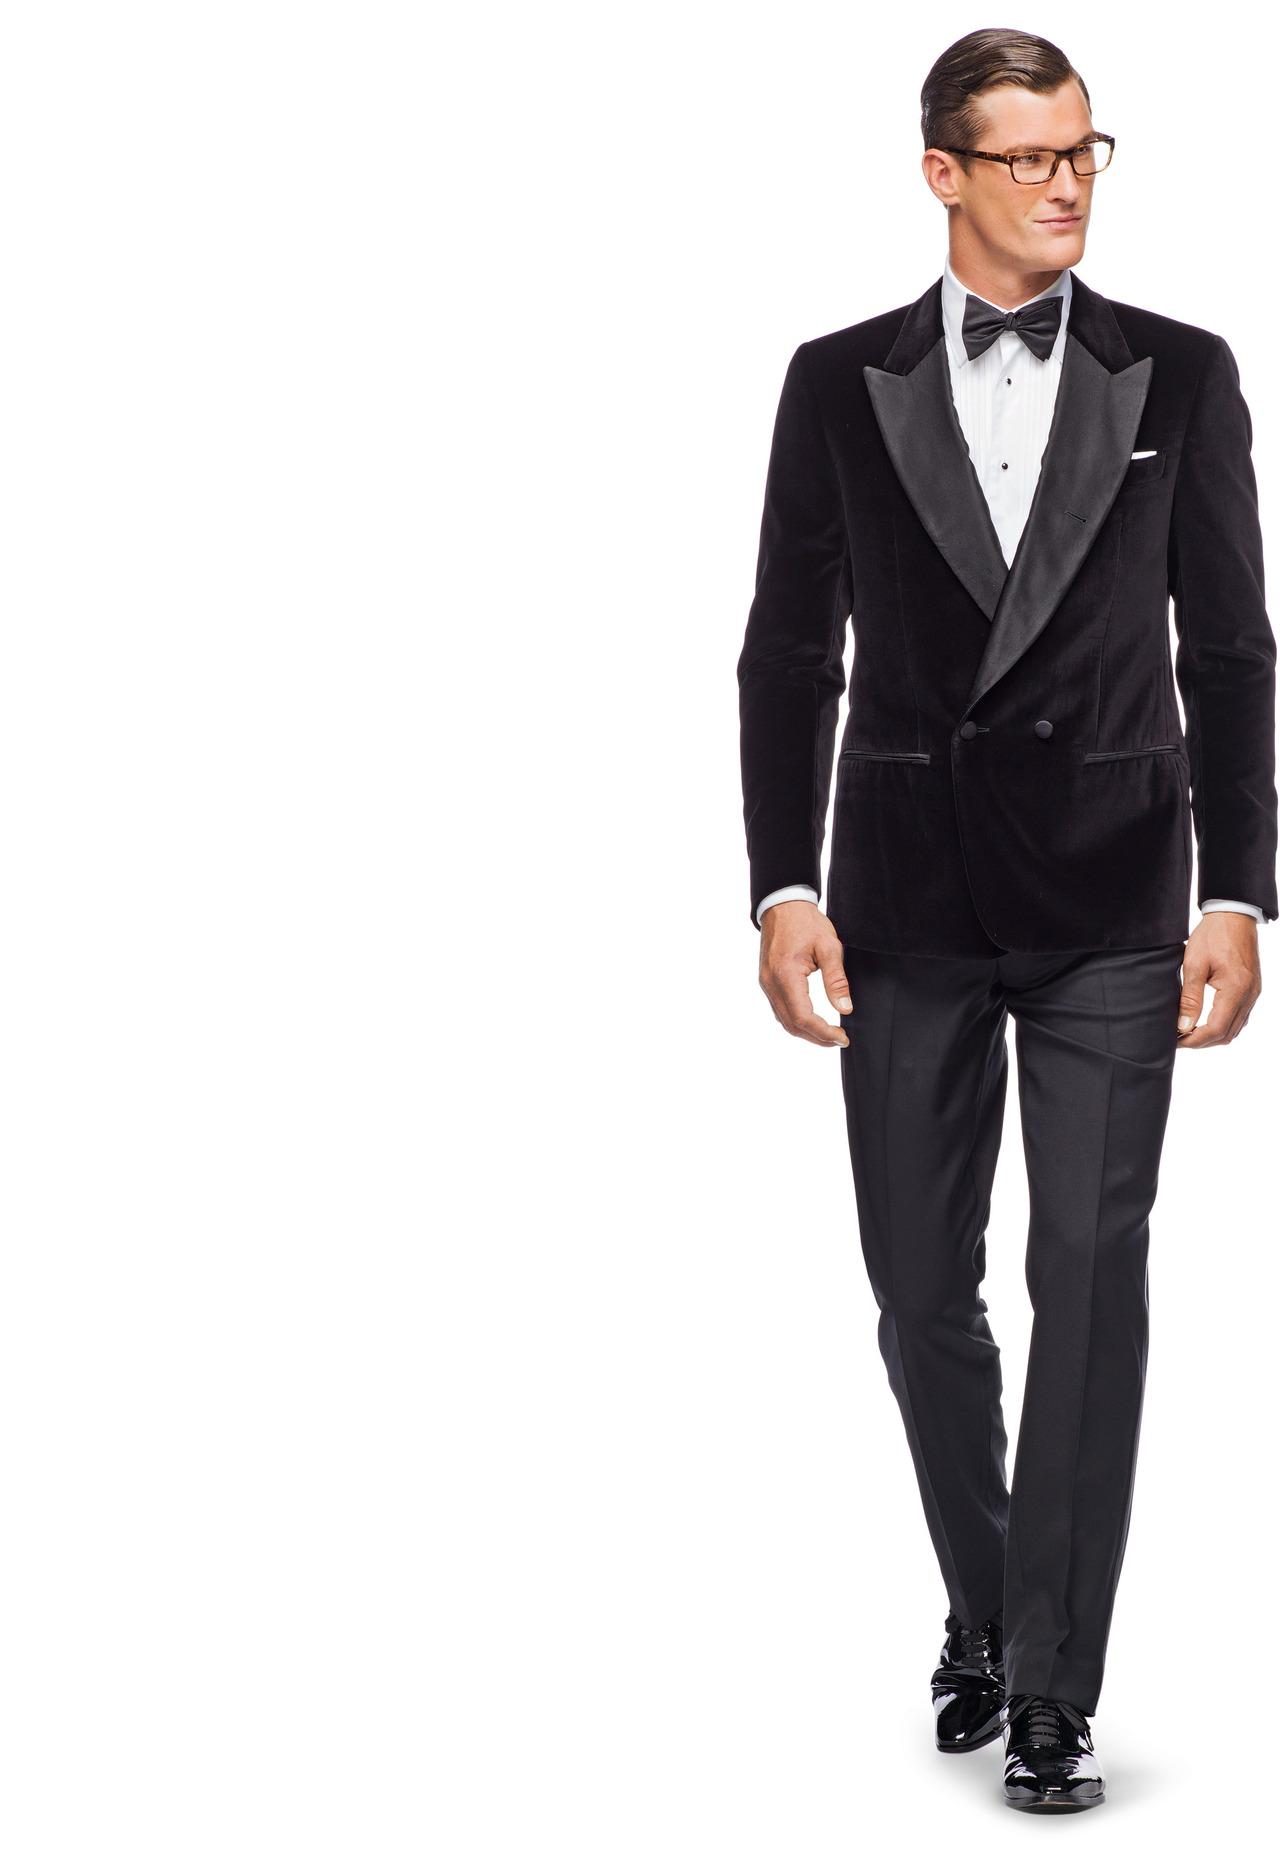 Les tenues formelles par Suit Supply